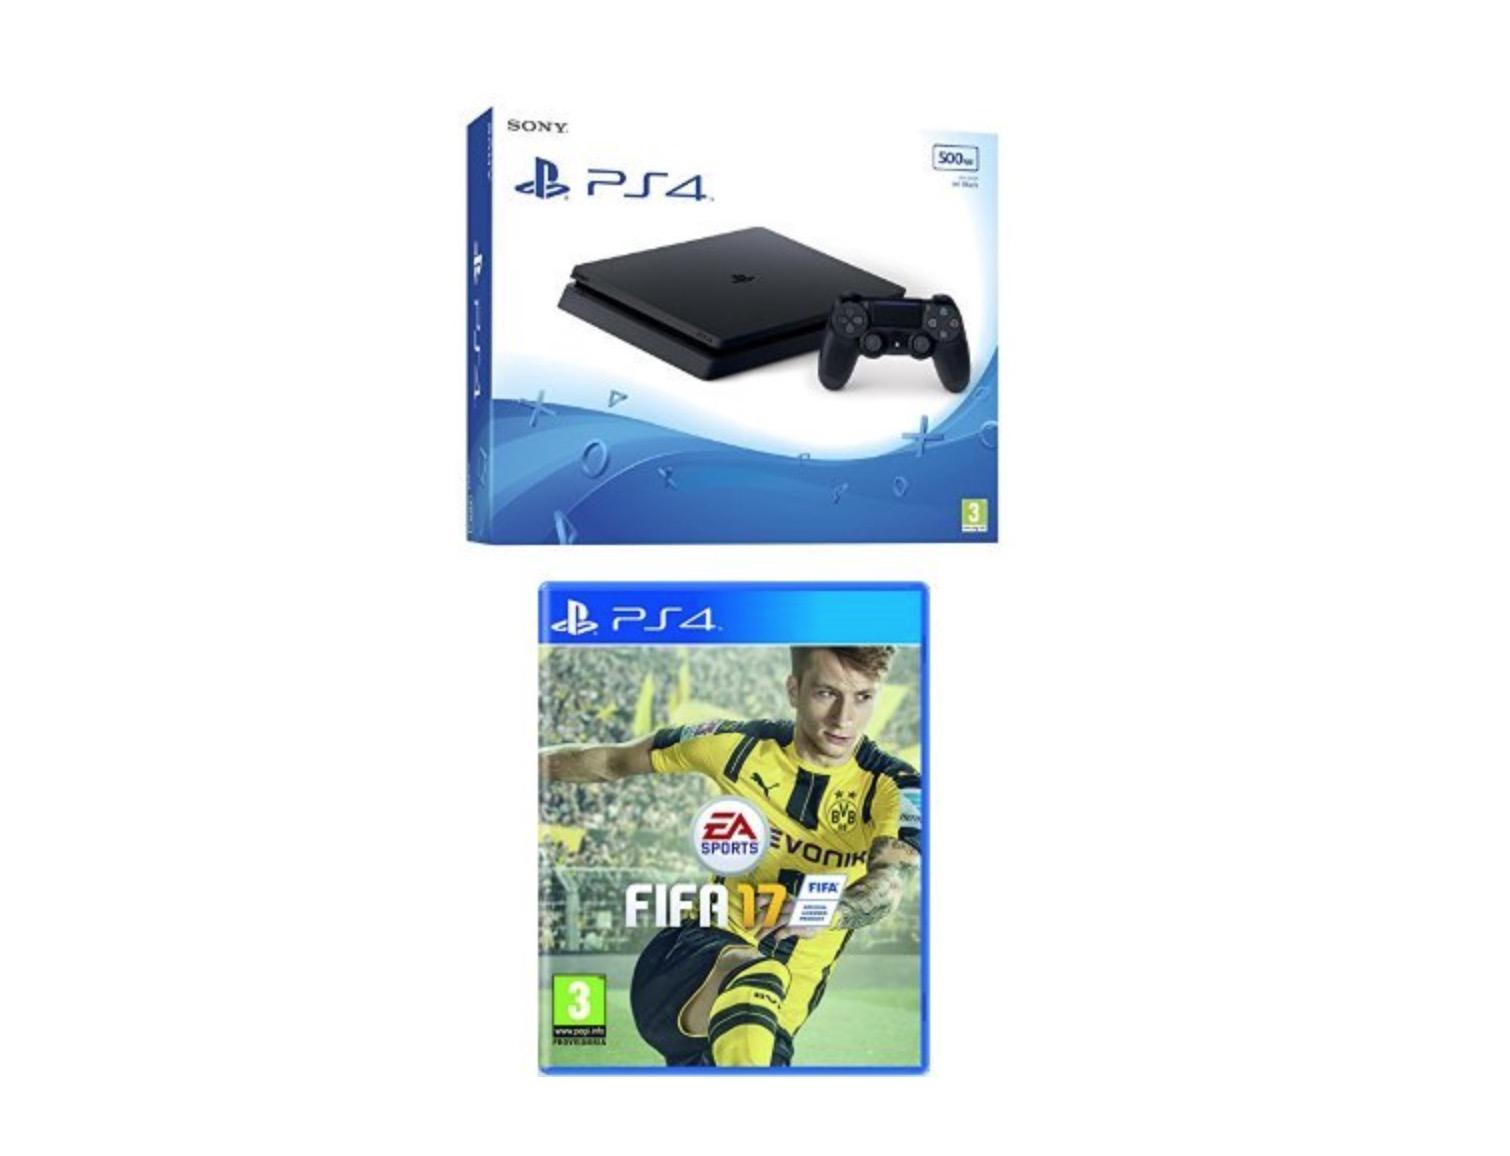 Sony PlayStation 4 FIFA 17 bundle